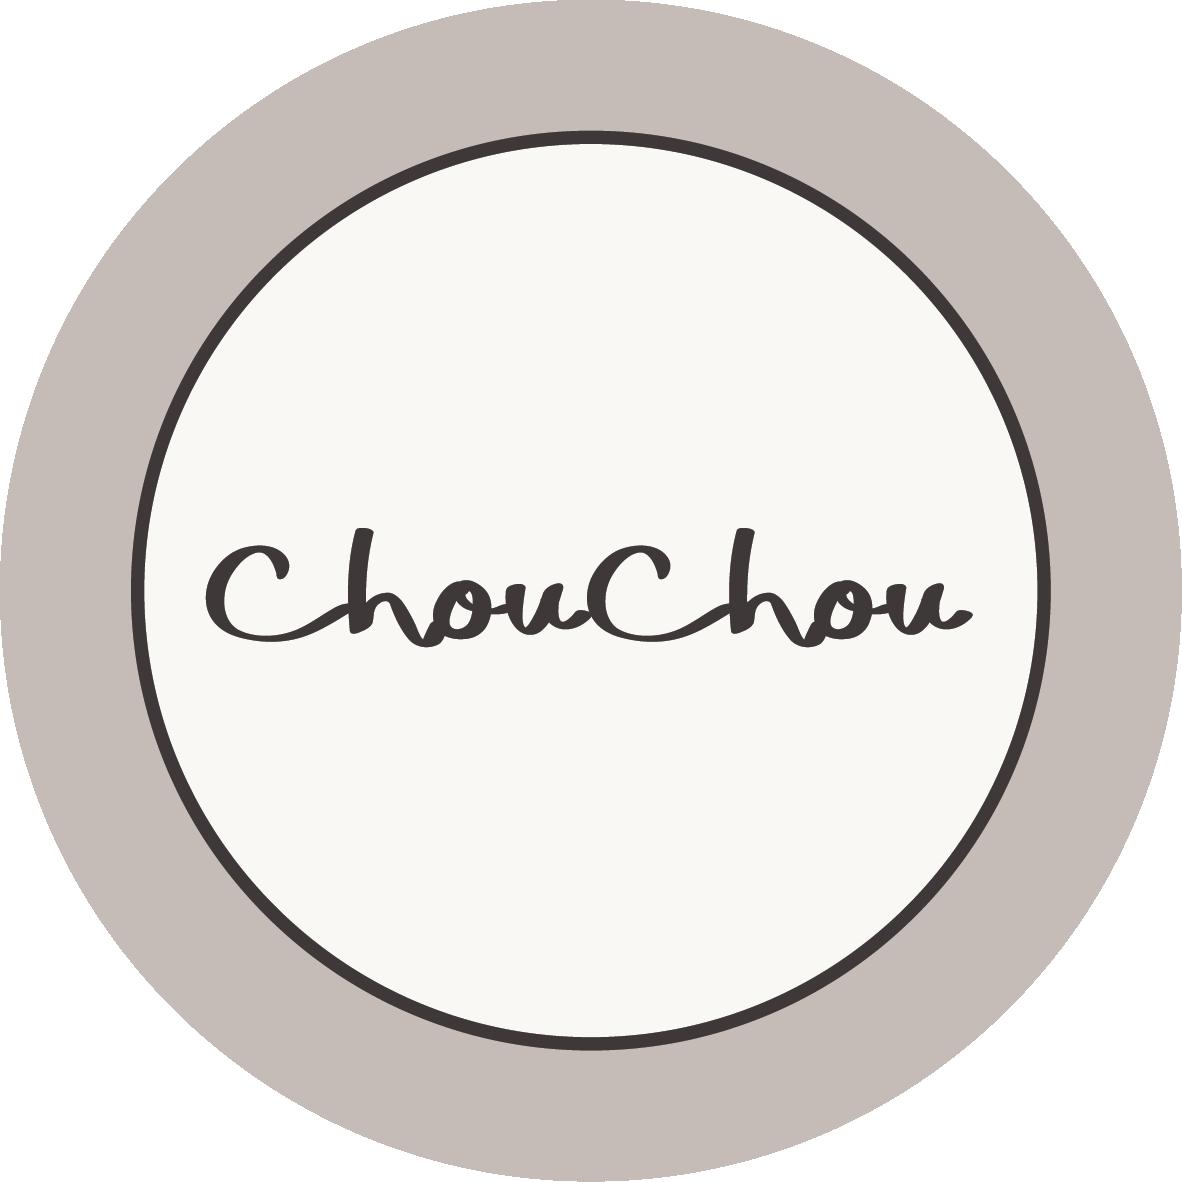 Кондитерская ChouChou